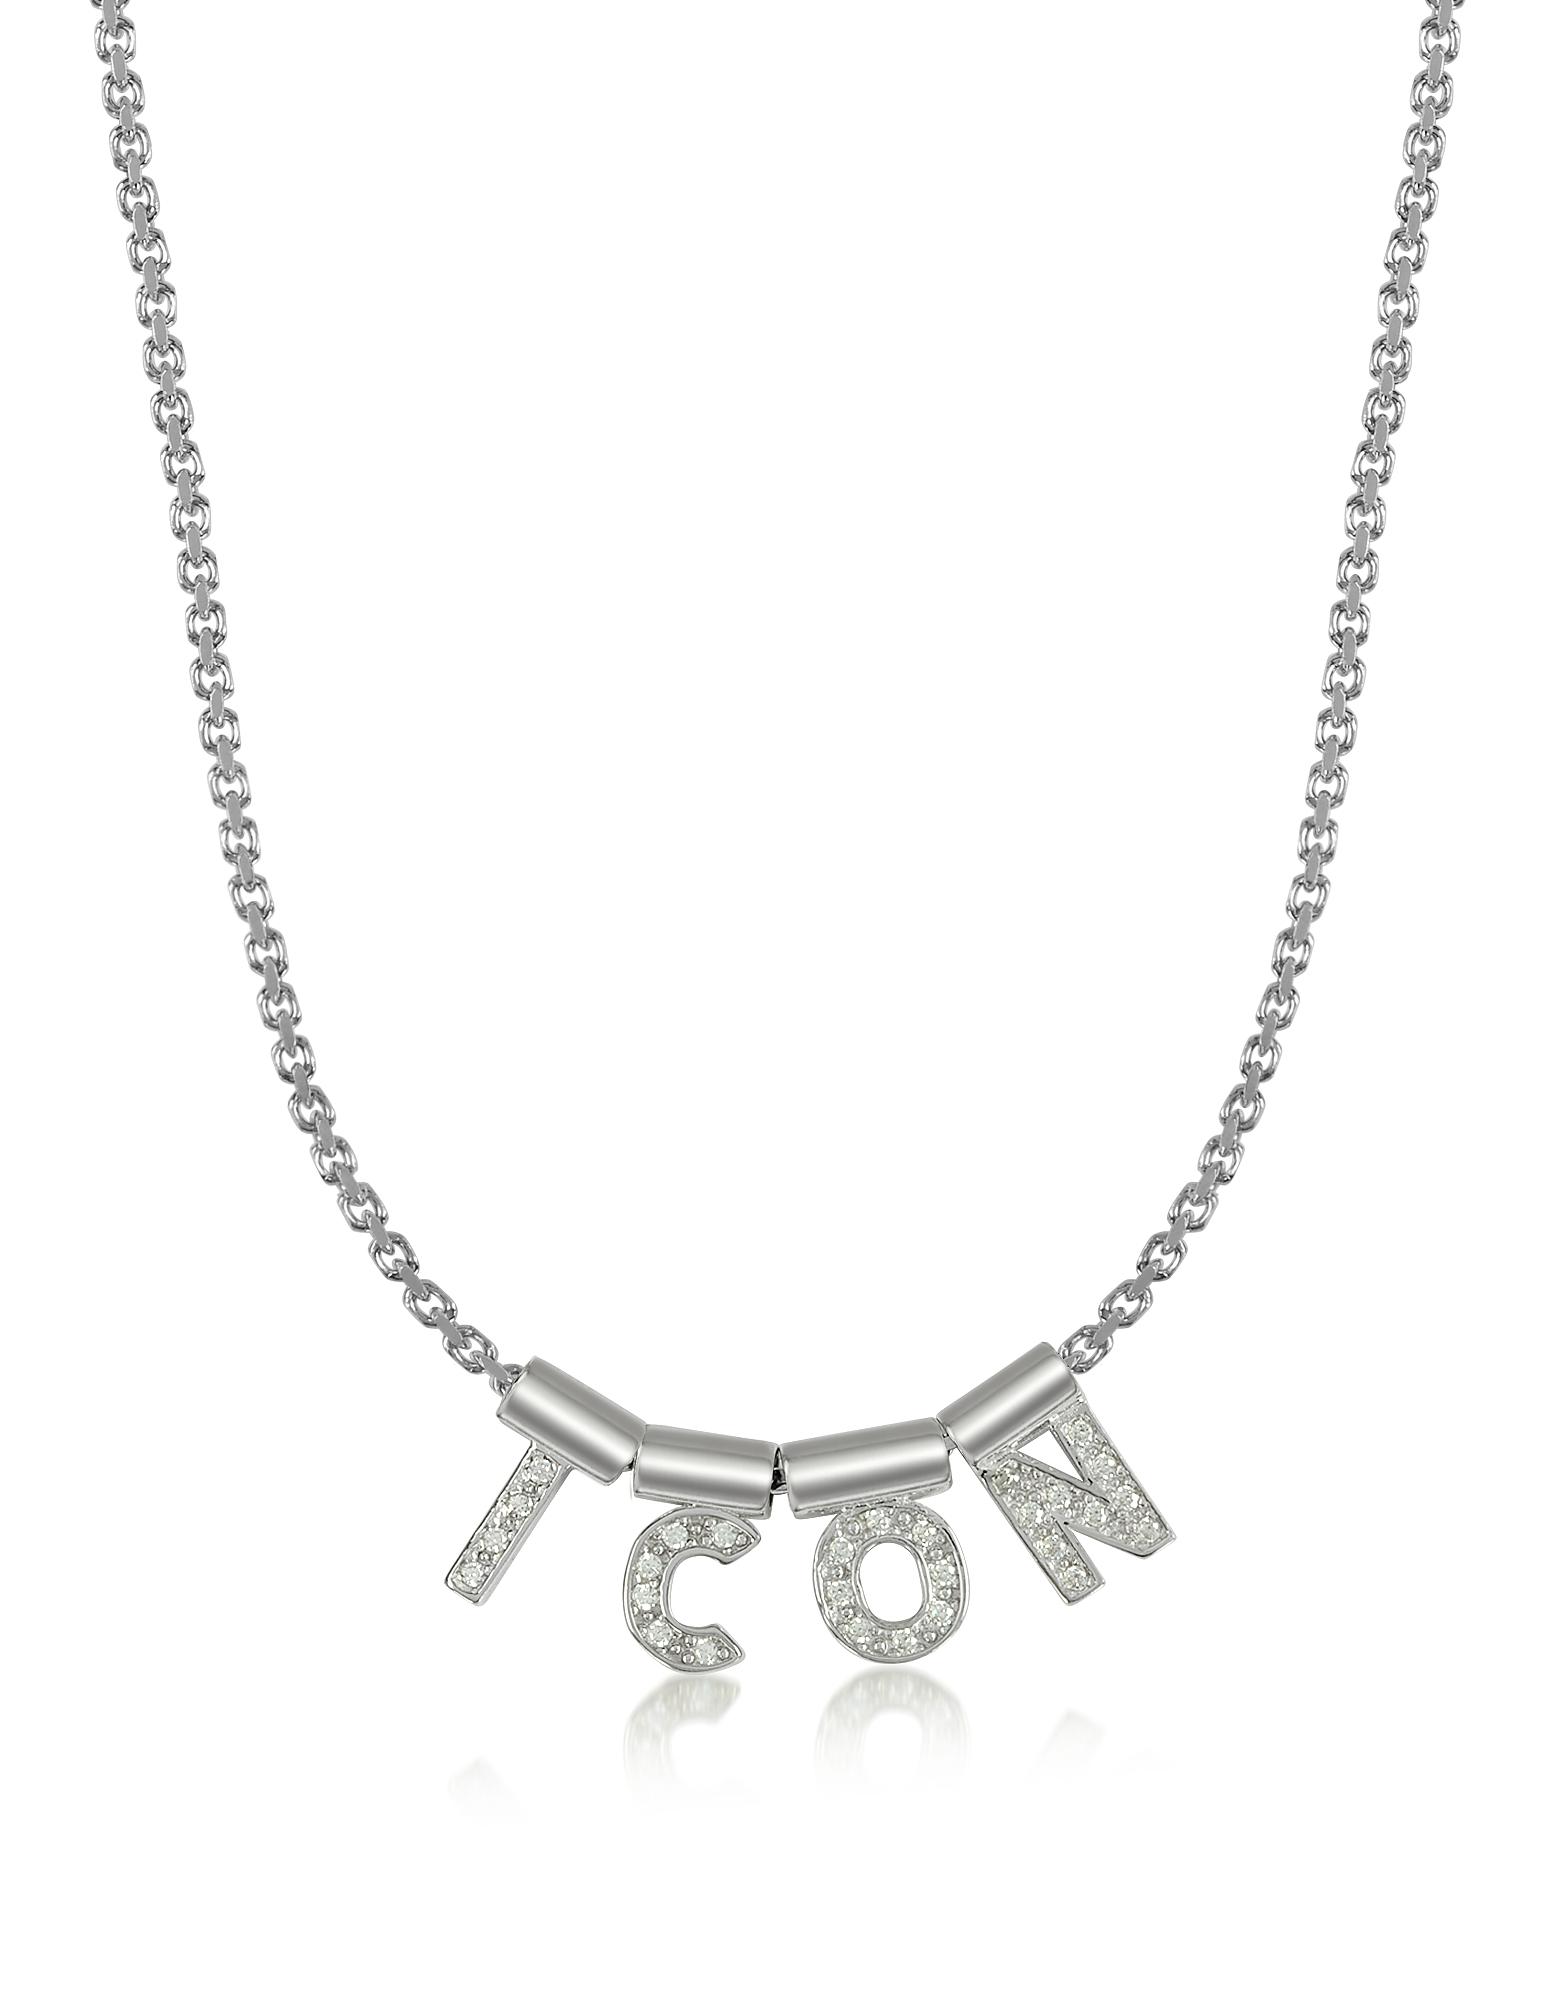 Nomination Designer Necklaces, Sterling Silver and Swarovski Zirconia Icon Necklace